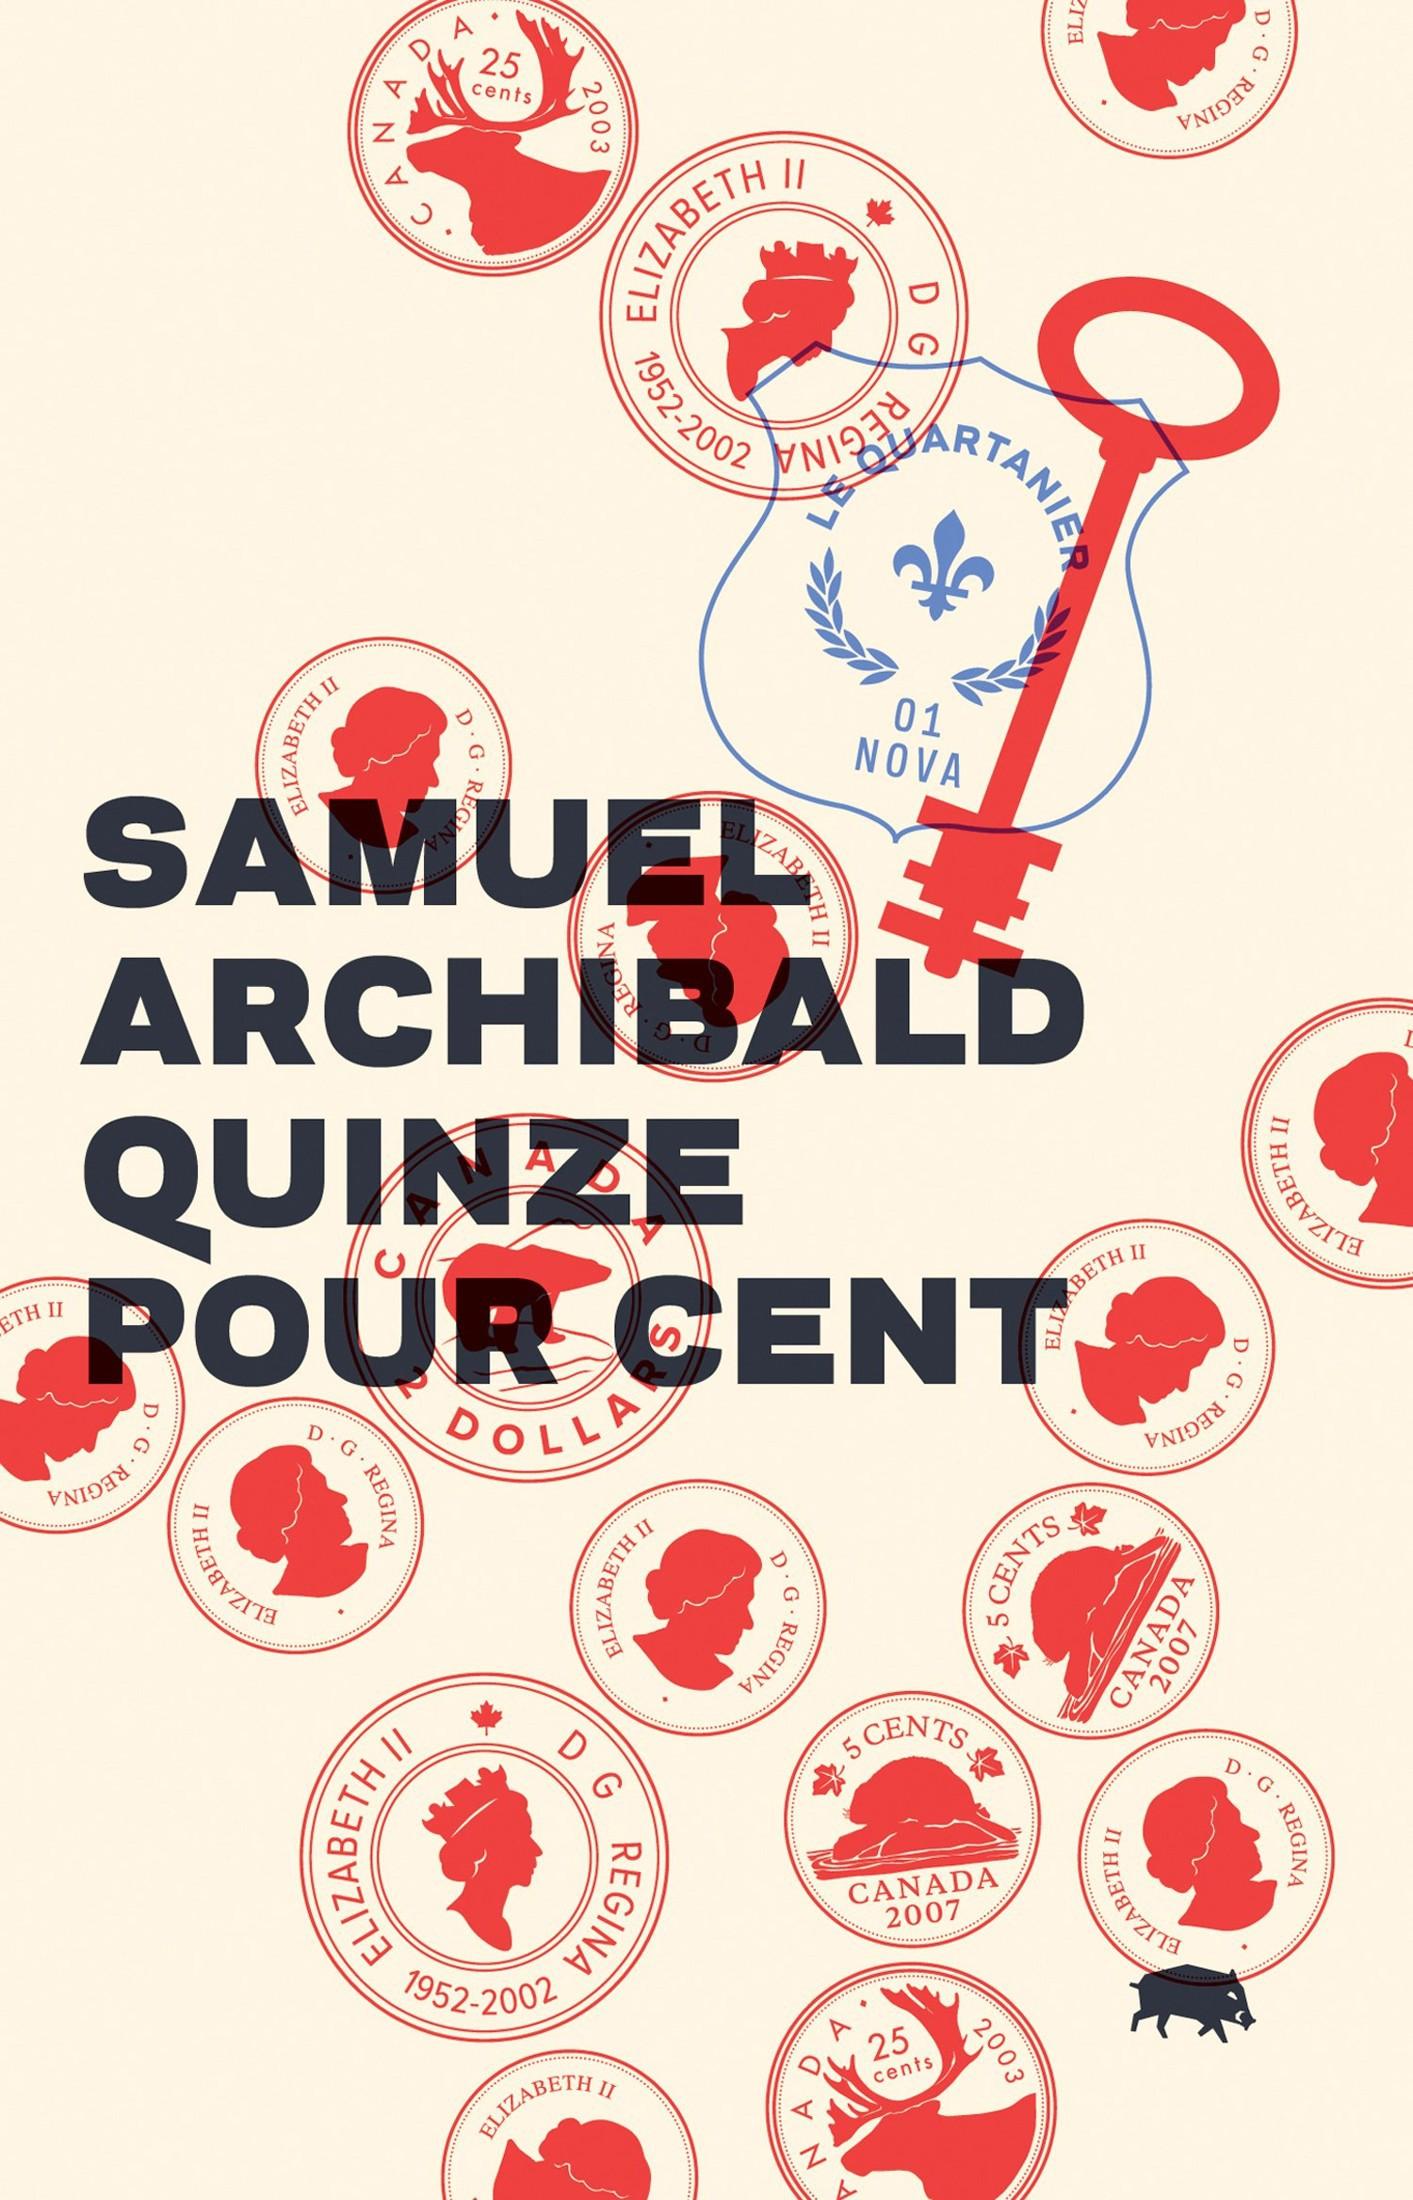 Quinze pour cent de Samuel Archibald